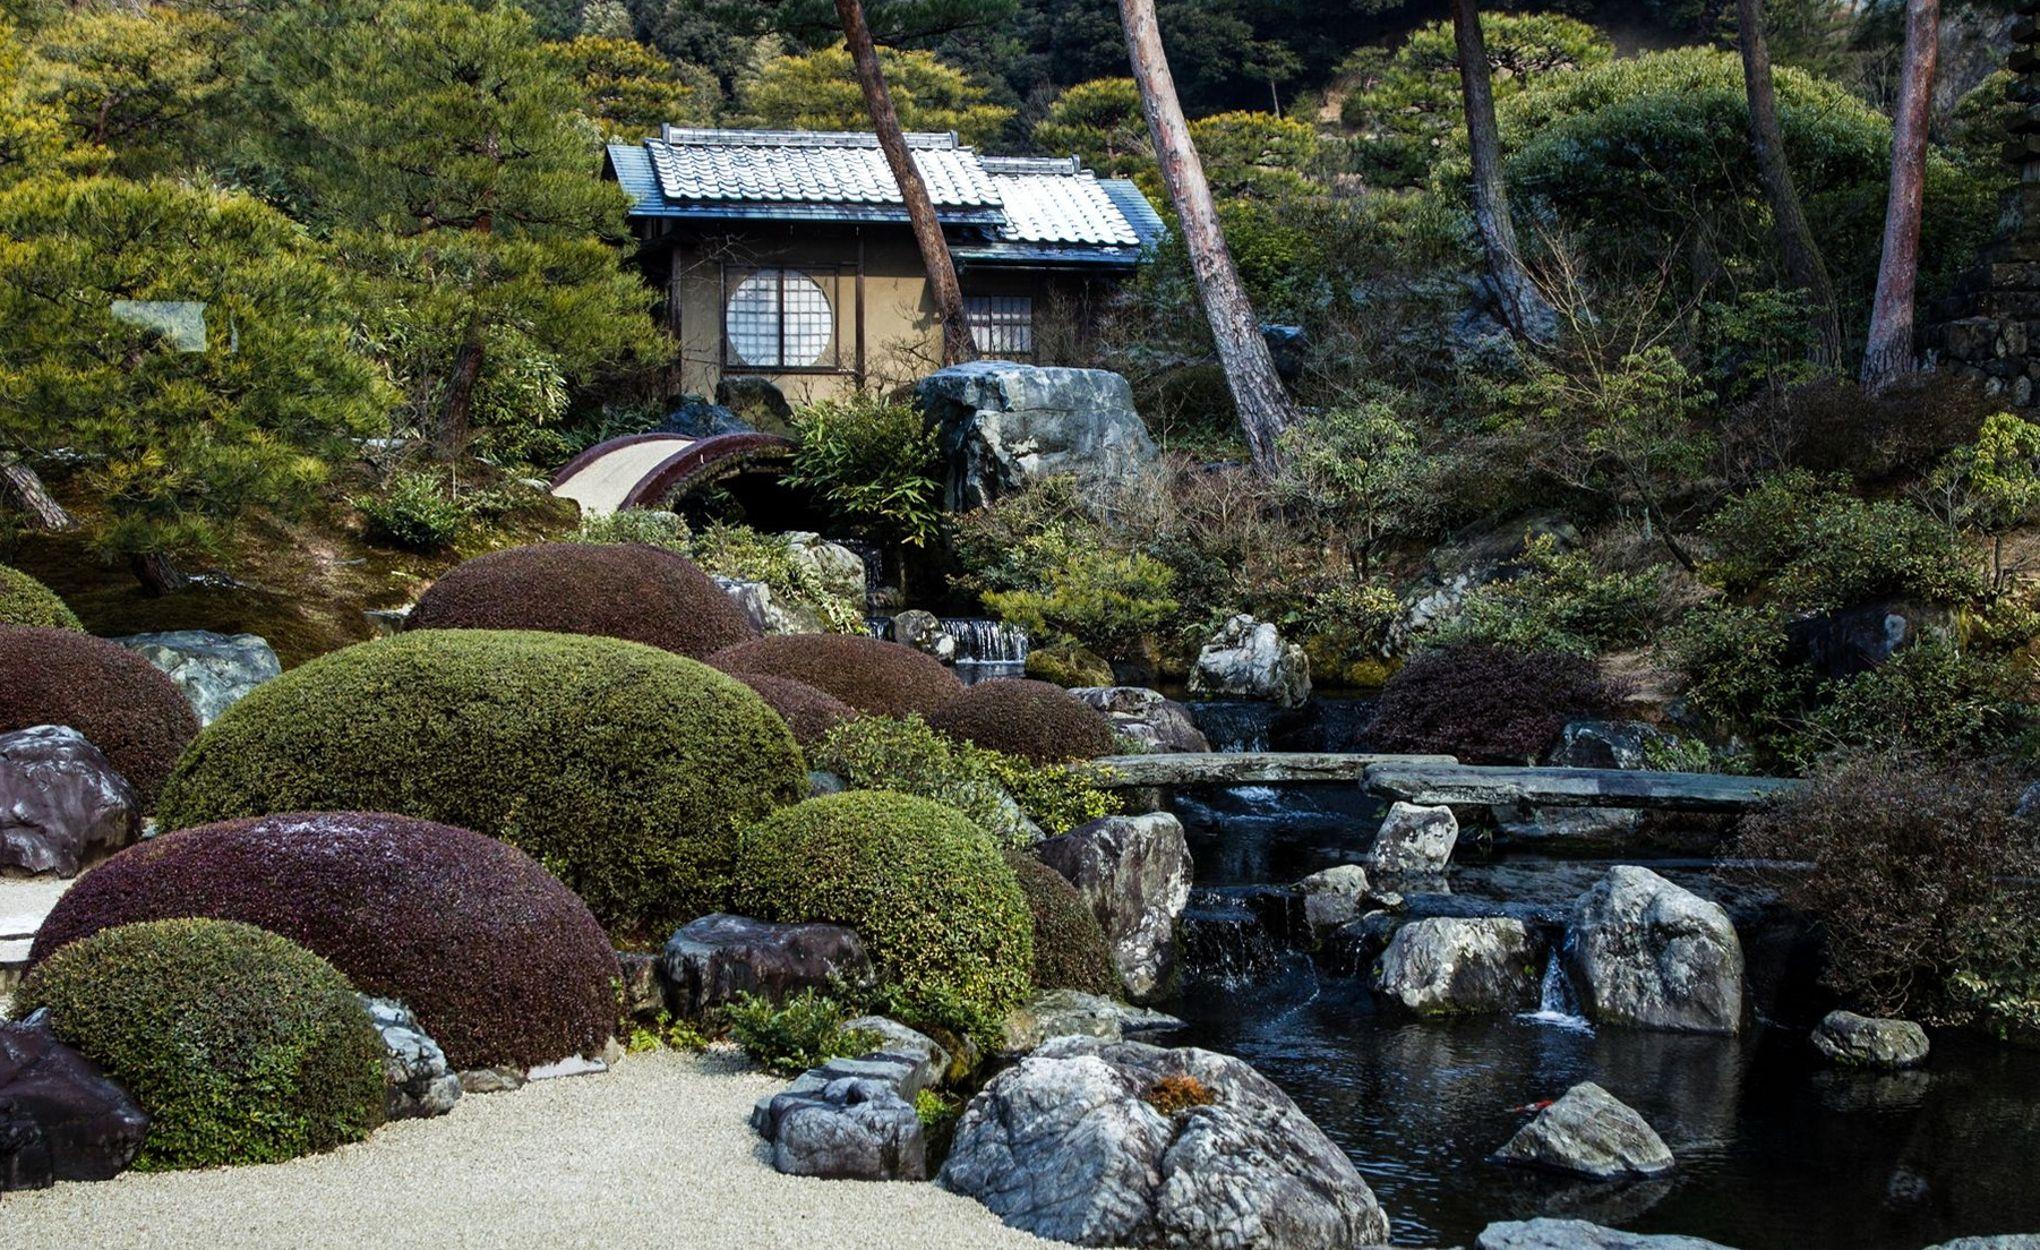 À yasugi, un jardin japonais pensé comme un tableau vivant